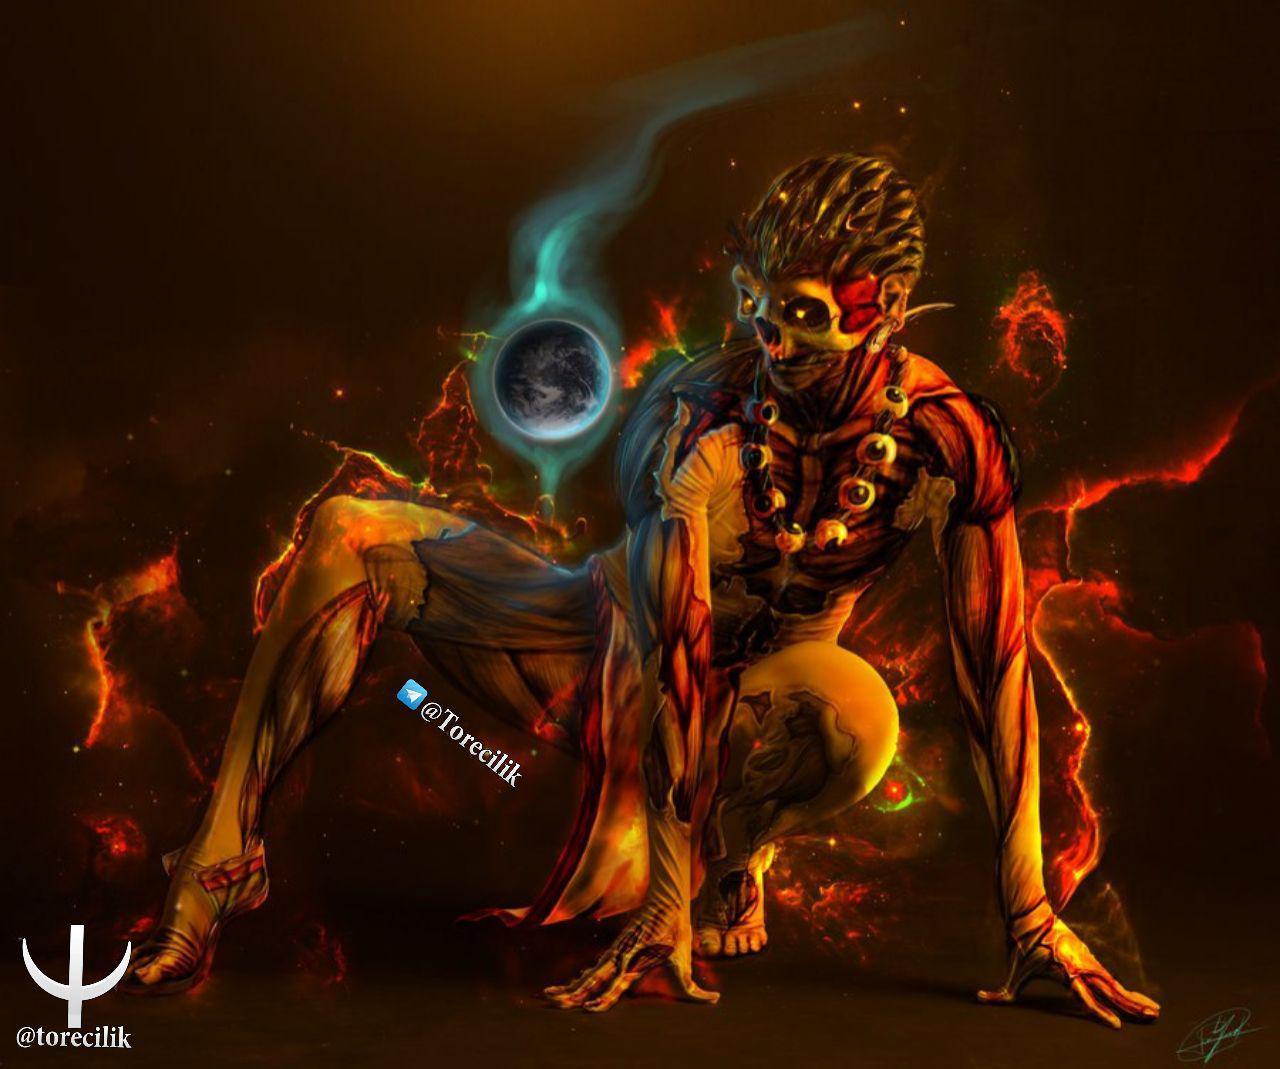 میکتلان تکوتلی:خدای جهنم